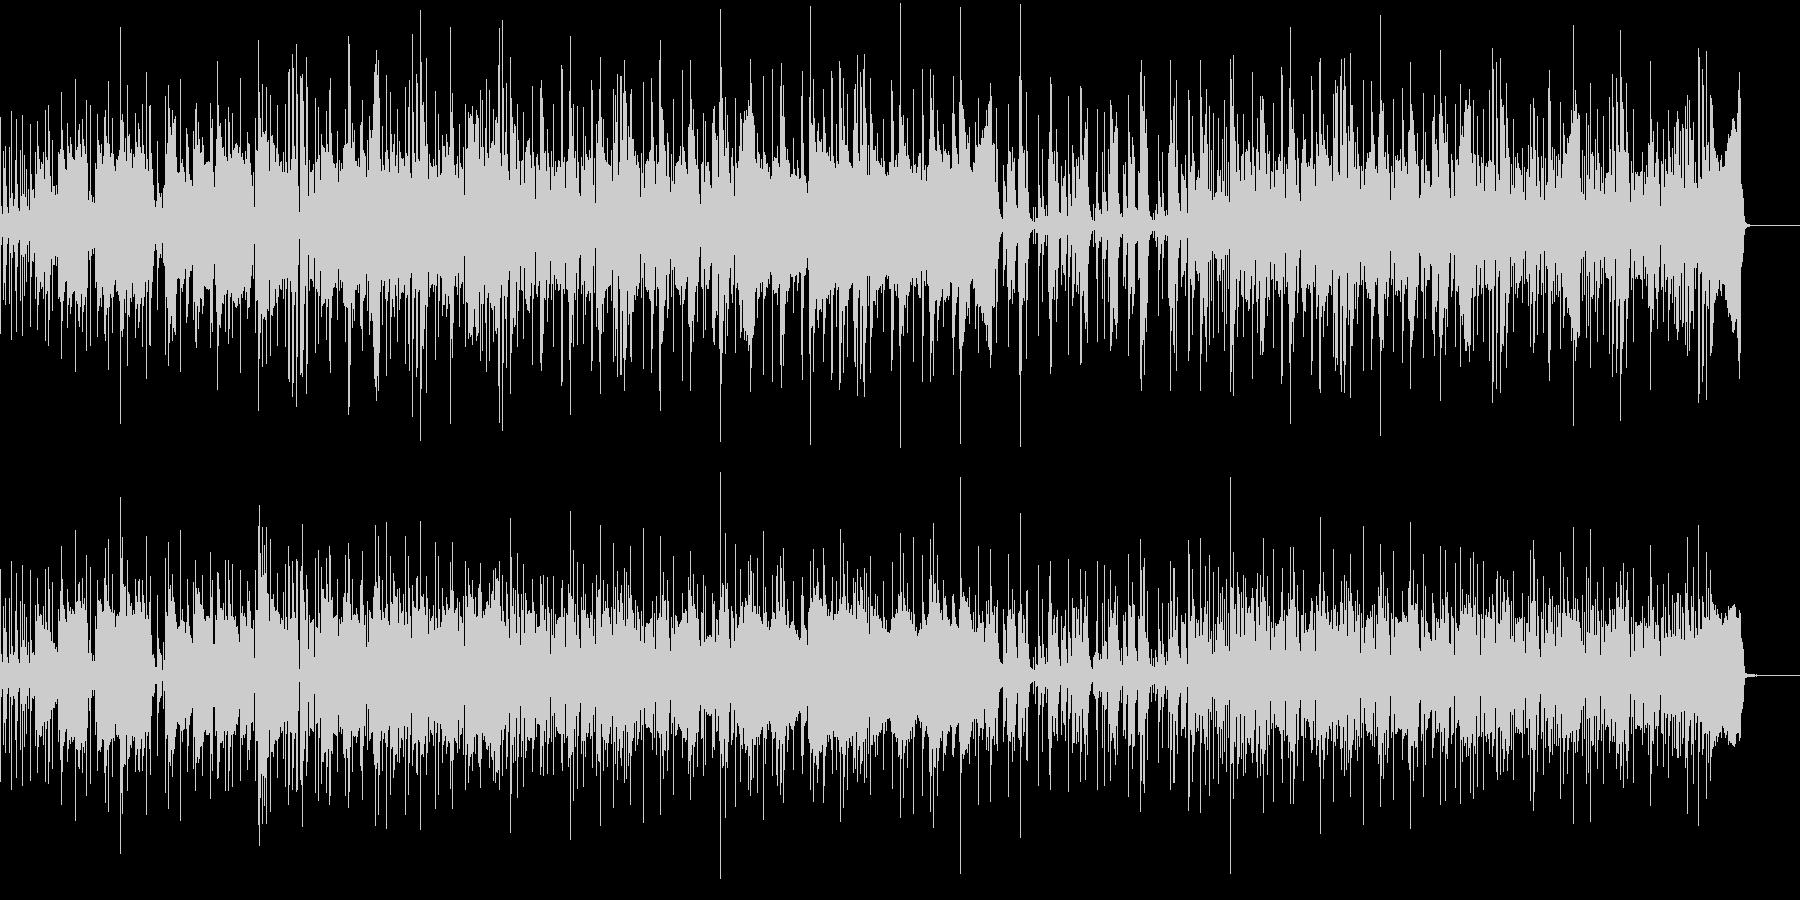 シンセリードの未再生の波形